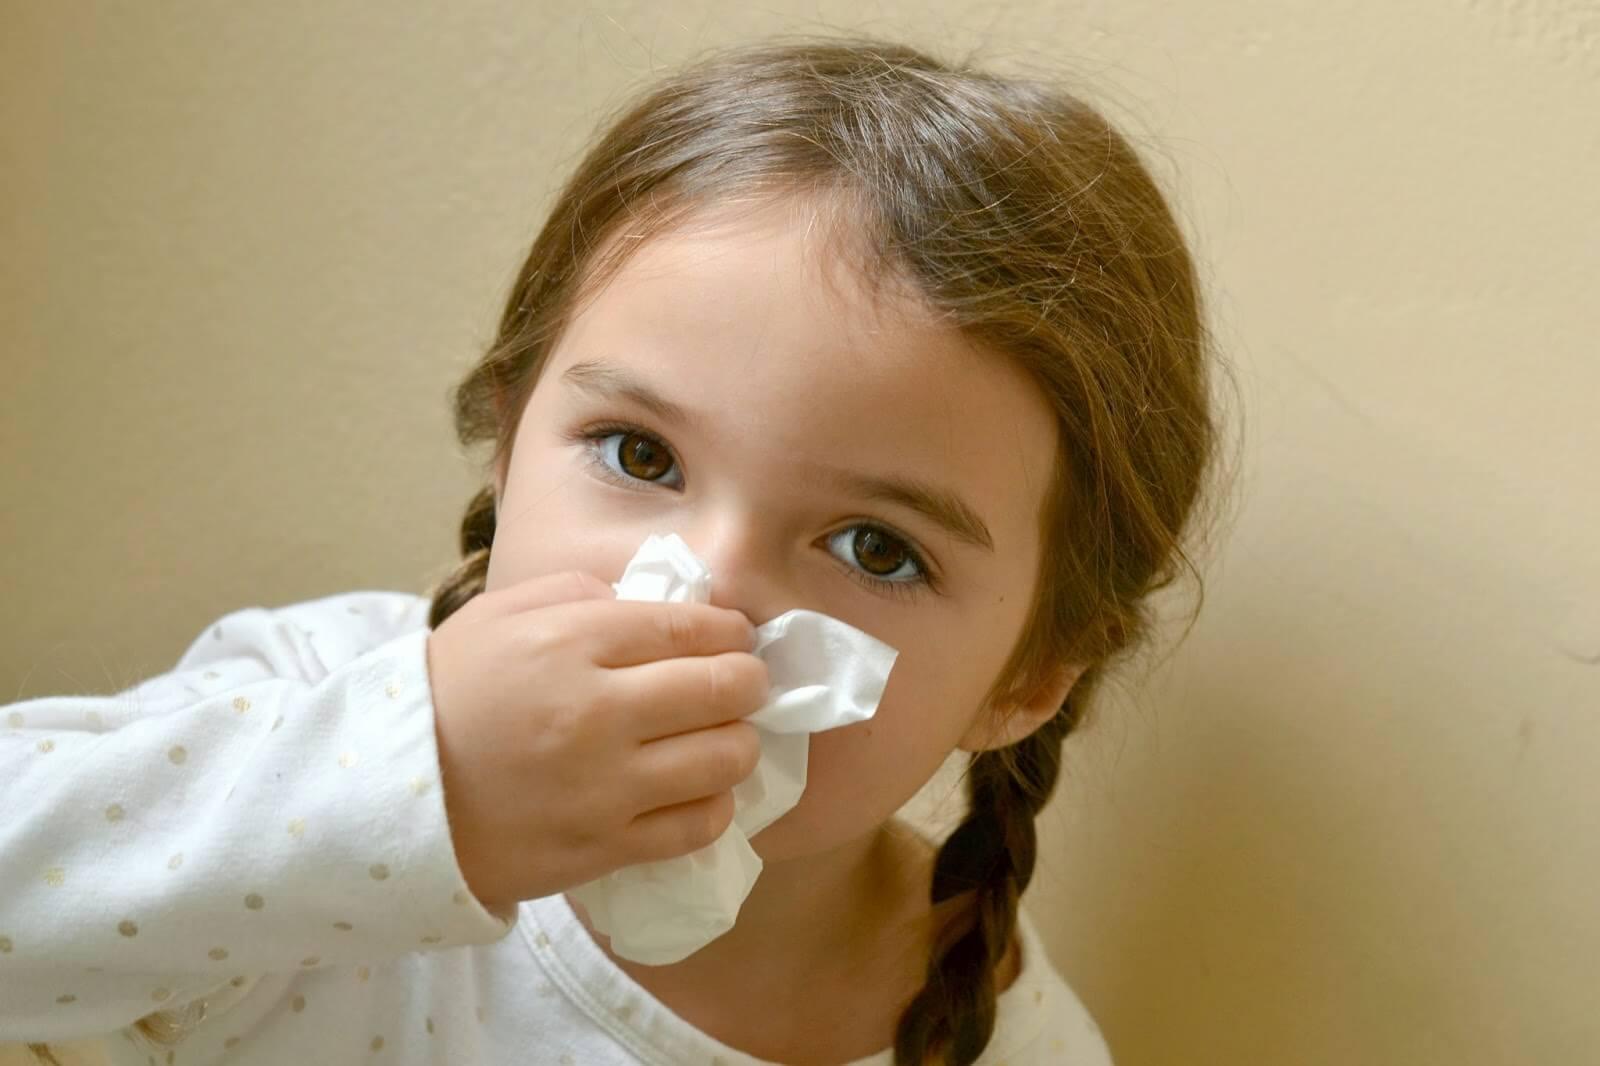 Заложен нос без насморка: причины и способы лечения новые фото